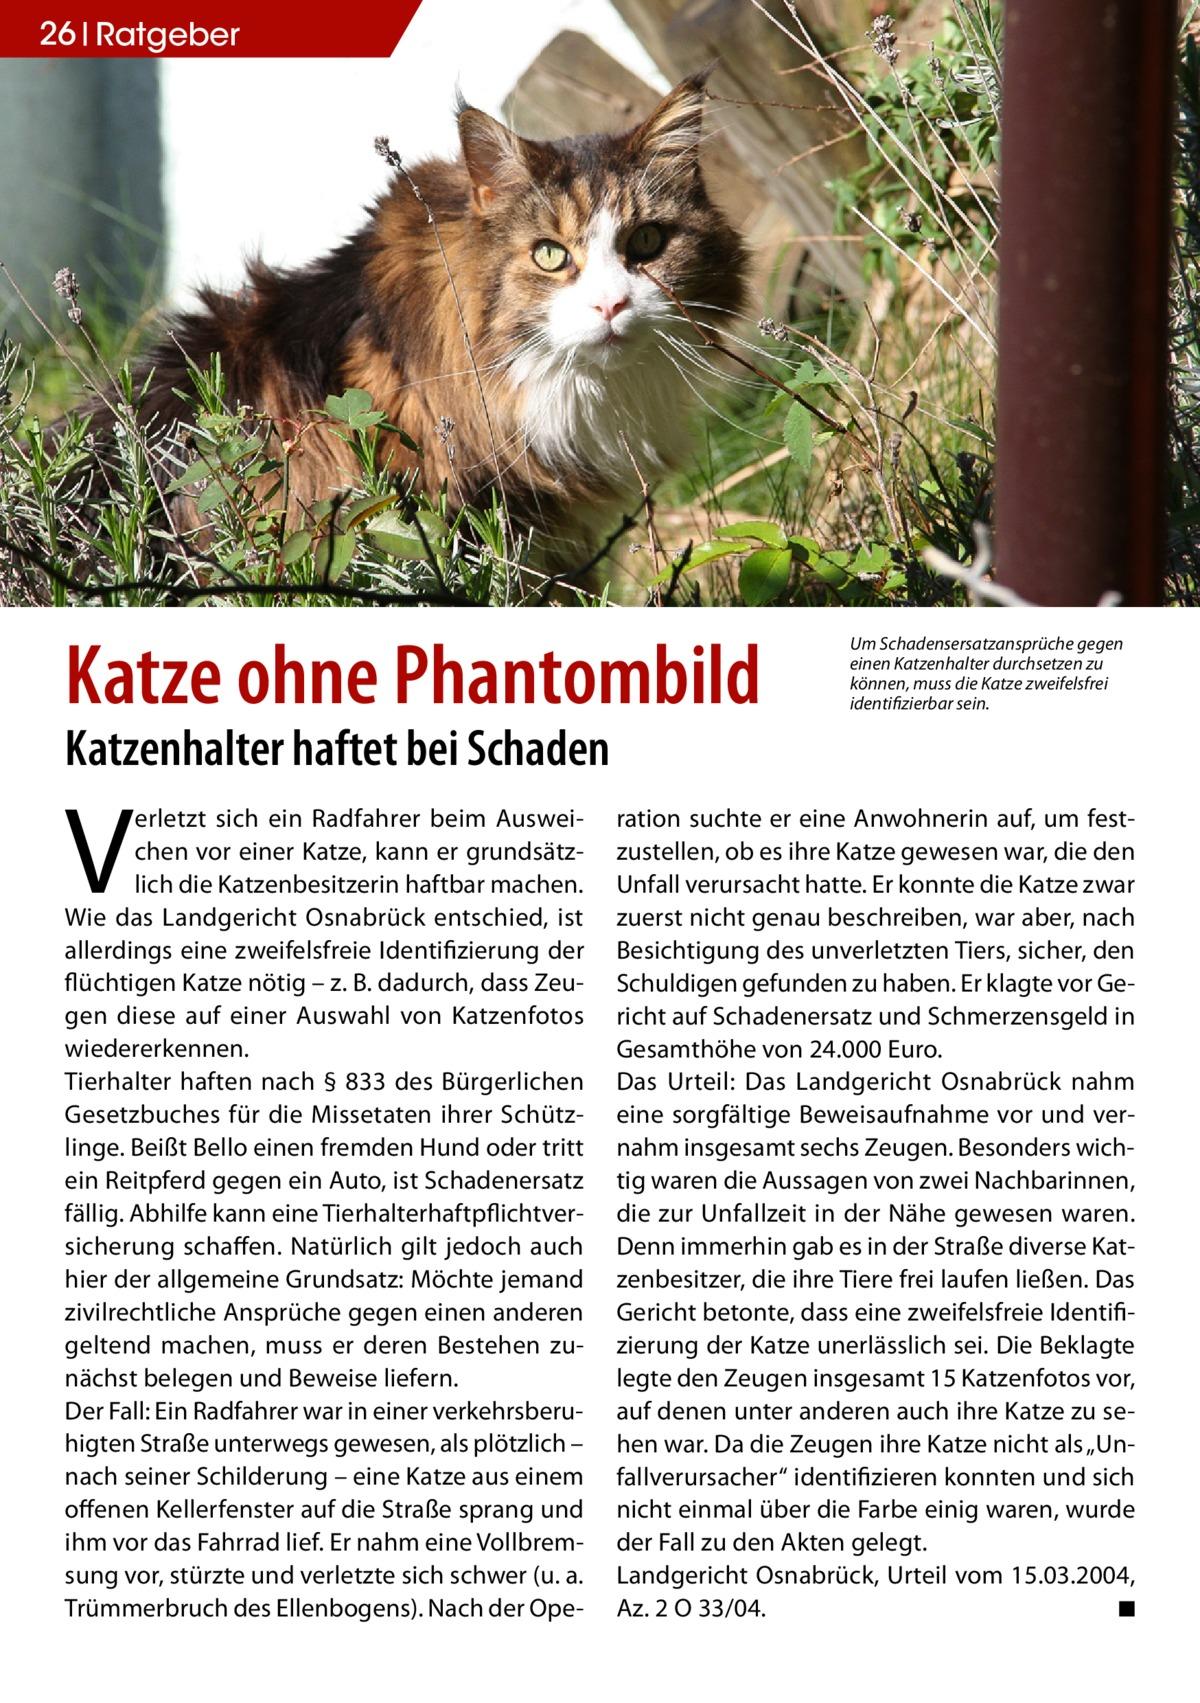 26 Ratgeber  Katze ohne Phantombild  Um Schadensersatzansprüche gegen einen Katzenhalter durchsetzen zu können, muss die Katze zweifelsfrei identifizierbar sein.  Katzenhalter haftet bei Schaden  V  erletzt sich ein Radfahrer beim Ausweichen vor einer Katze, kann er grundsätzlich die Katzenbesitzerin haftbar machen. Wie das Landgericht Osnabrück entschied, ist allerdings eine zweifelsfreie Identifizierung der flüchtigen Katze nötig – z. B. dadurch, dass Zeugen diese auf einer Auswahl von Katzenfotos wiedererkennen. Tierhalter haften nach § 833 des Bürgerlichen Gesetzbuches für die Missetaten ihrer Schützlinge. Beißt Bello einen fremden Hund oder tritt ein Reitpferd gegen ein Auto, ist Schadenersatz fällig. Abhilfe kann eine Tierhalterhaftpflichtversicherung schaffen. Natürlich gilt jedoch auch hier der allgemeine Grundsatz: Möchte jemand zivilrechtliche Ansprüche gegen einen anderen geltend machen, muss er deren Bestehen zunächst belegen und Beweise liefern. Der Fall: Ein Radfahrer war in einer verkehrsberuhigten Straße unterwegs gewesen, als plötzlich – nach seiner Schilderung – eine Katze aus einem offenen Kellerfenster auf die Straße sprang und ihm vor das Fahrrad lief. Er nahm eine Vollbremsung vor, stürzte und verletzte sich schwer (u. a. Trümmerbruch des Ellenbogens). Nach der Ope ration suchte er eine Anwohnerin auf, um festzustellen, ob es ihre Katze gewesen war, die den Unfall verursacht hatte. Er konnte die Katze zwar zuerst nicht genau beschreiben, war aber, nach Besichtigung des unverletzten Tiers, sicher, den Schuldigen gefunden zu haben. Er klagte vor Gericht auf Schadenersatz und Schmerzensgeld in Gesamthöhe von 24.000 Euro. Das Urteil: Das Landgericht Osnabrück nahm eine sorgfältige Beweisaufnahme vor und vernahm insgesamt sechs Zeugen. Besonders wichtig waren die Aussagen von zwei Nachbarinnen, die zur Unfallzeit in der Nähe gewesen waren. Denn immerhin gab es in der Straße diverse Katzenbesitzer, die ihre Tiere frei laufen ließen. Das Gericht beton